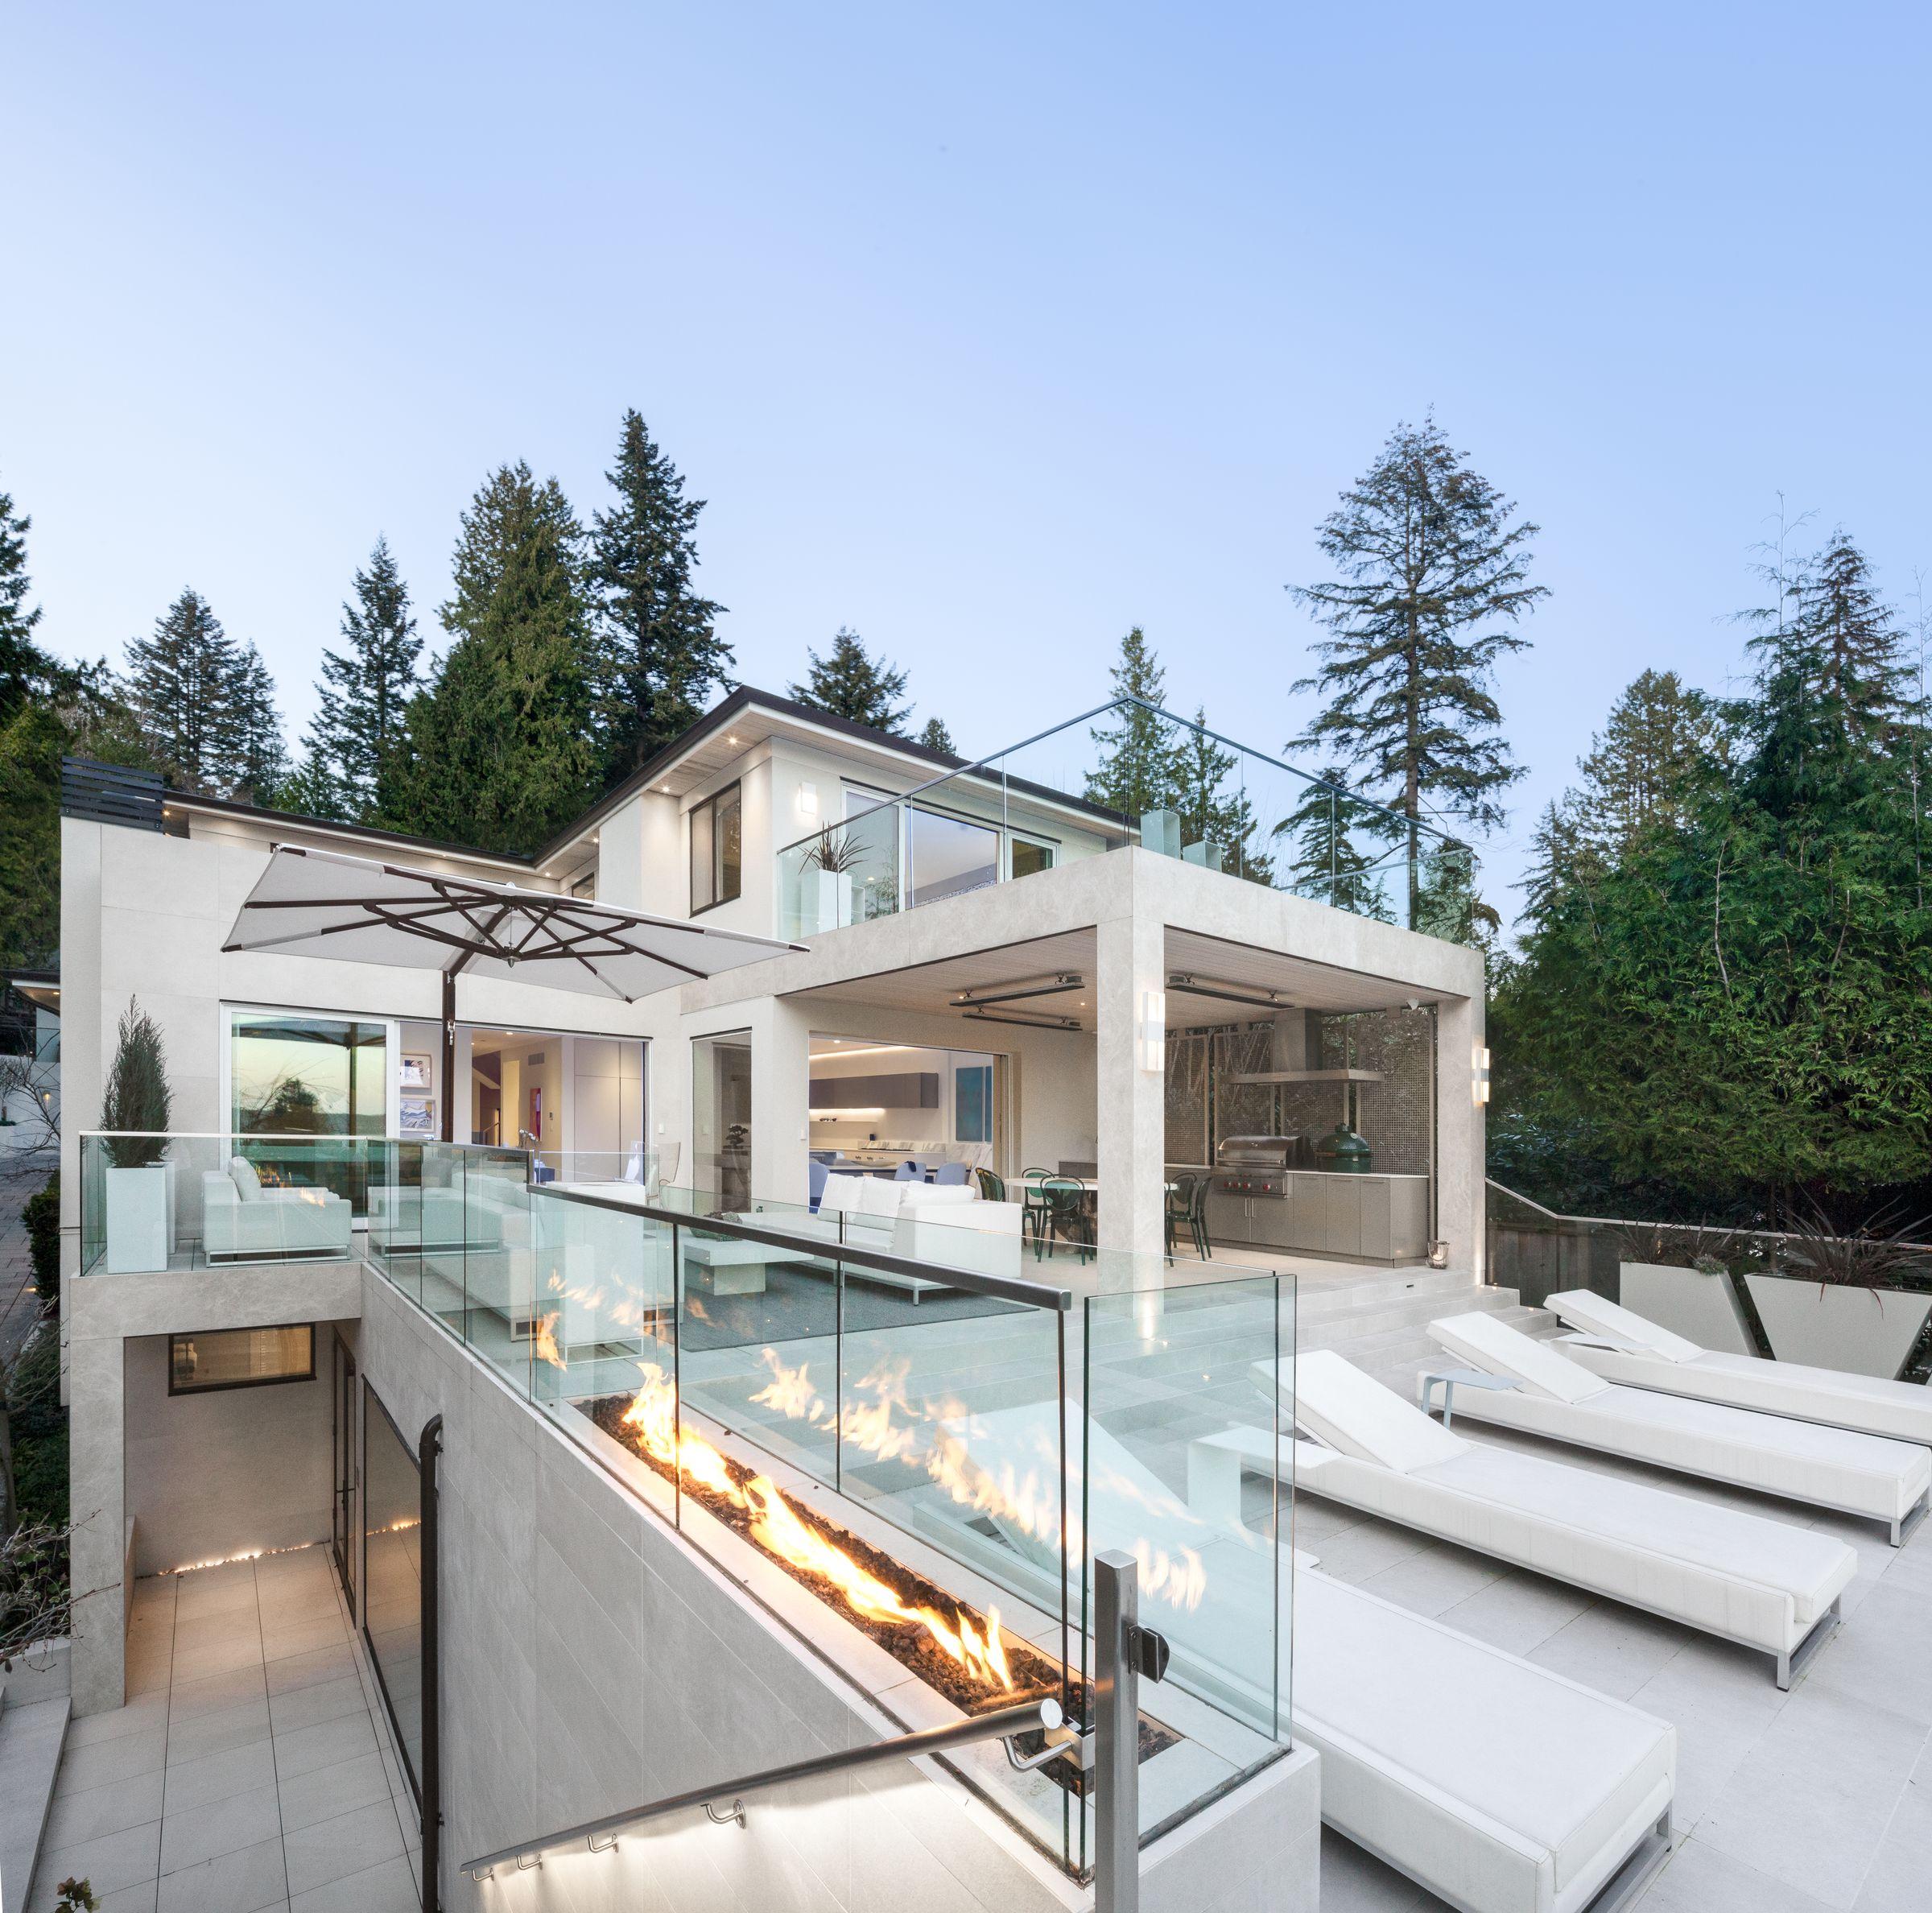 2919 Mathers Avenue, Altamont, West Vancouver